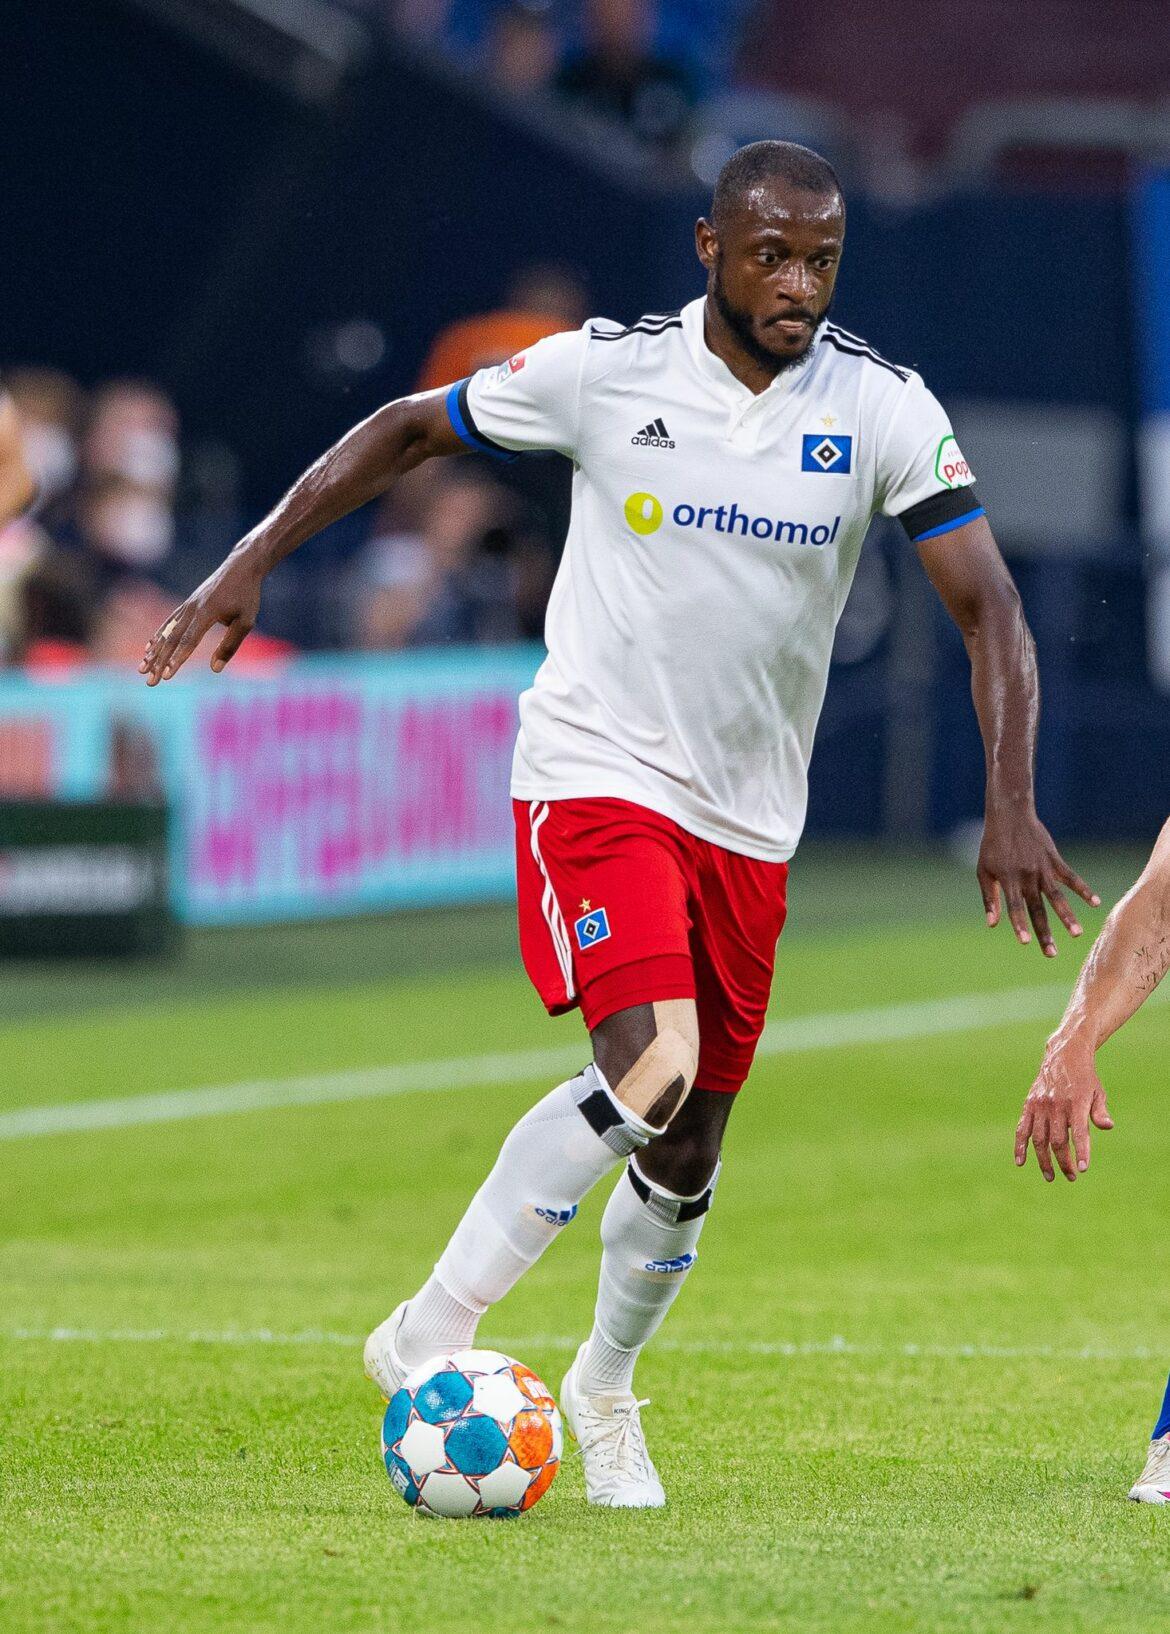 Anzeige von Fan:Schalke prüft Rufe gegen HSV-Profi Kinsombi